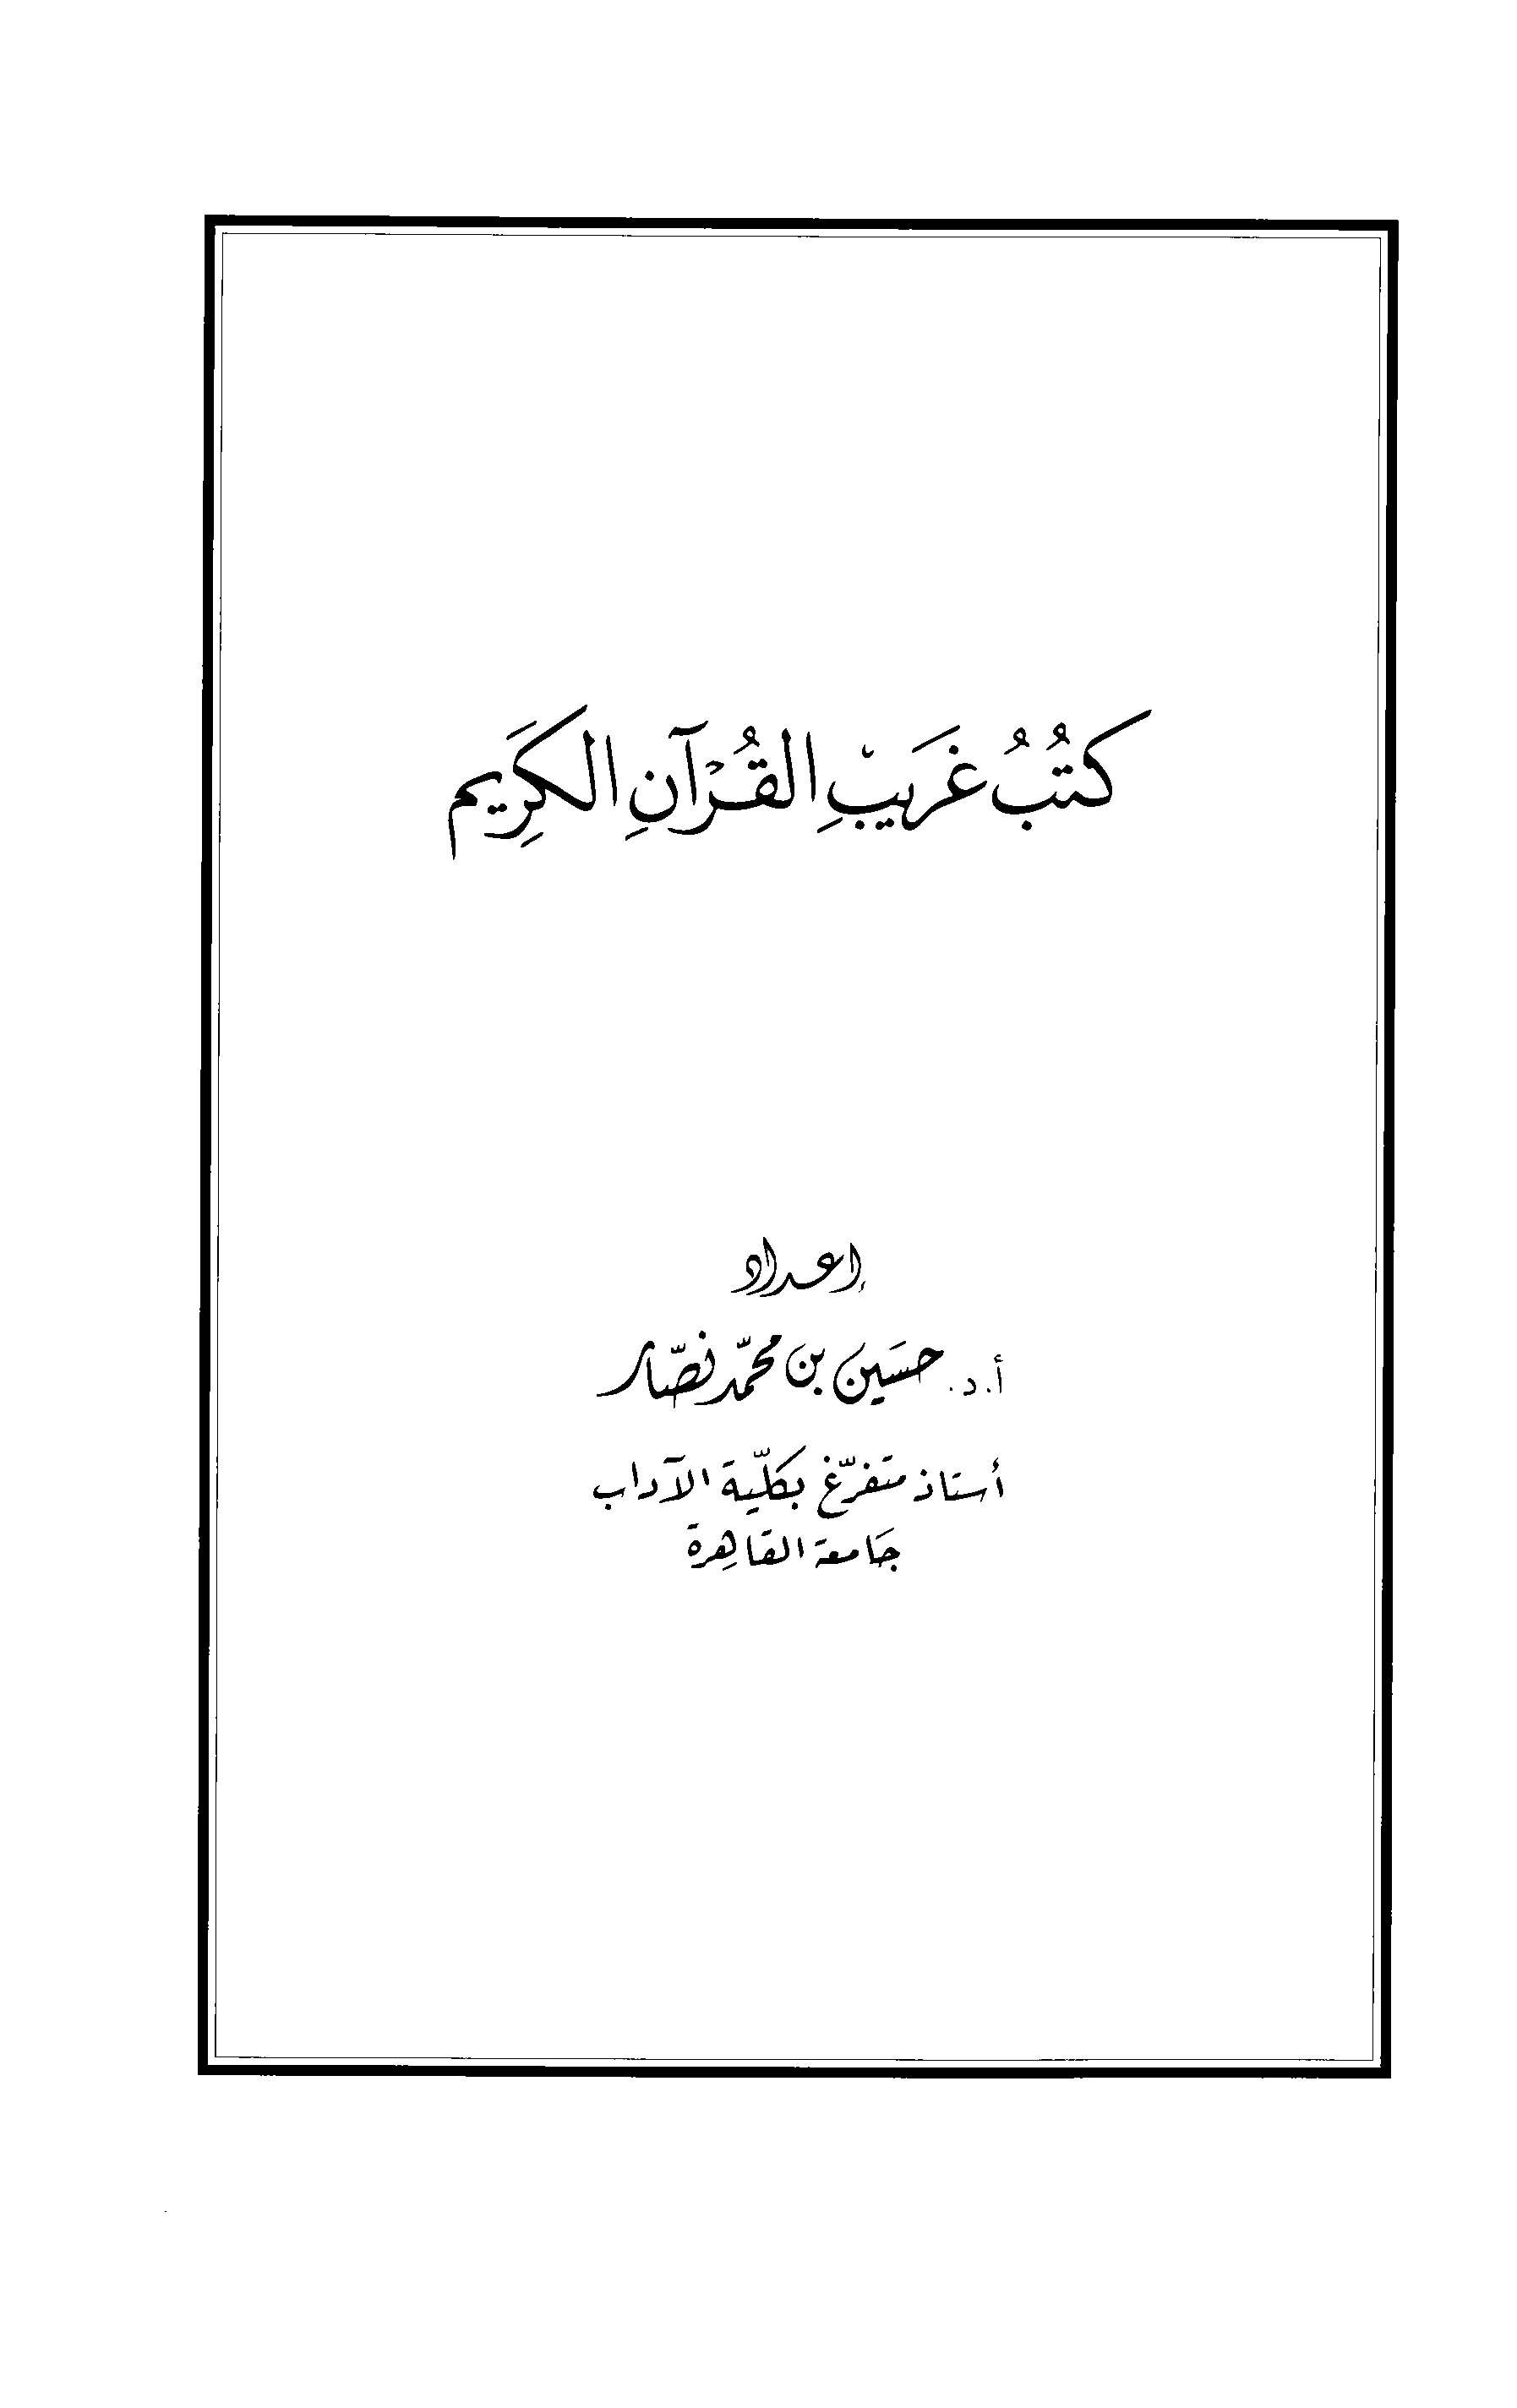 تحميل كتاب كتب غريب القرآن الكريم لـِ: الدكتور حسين بن محمد نصار